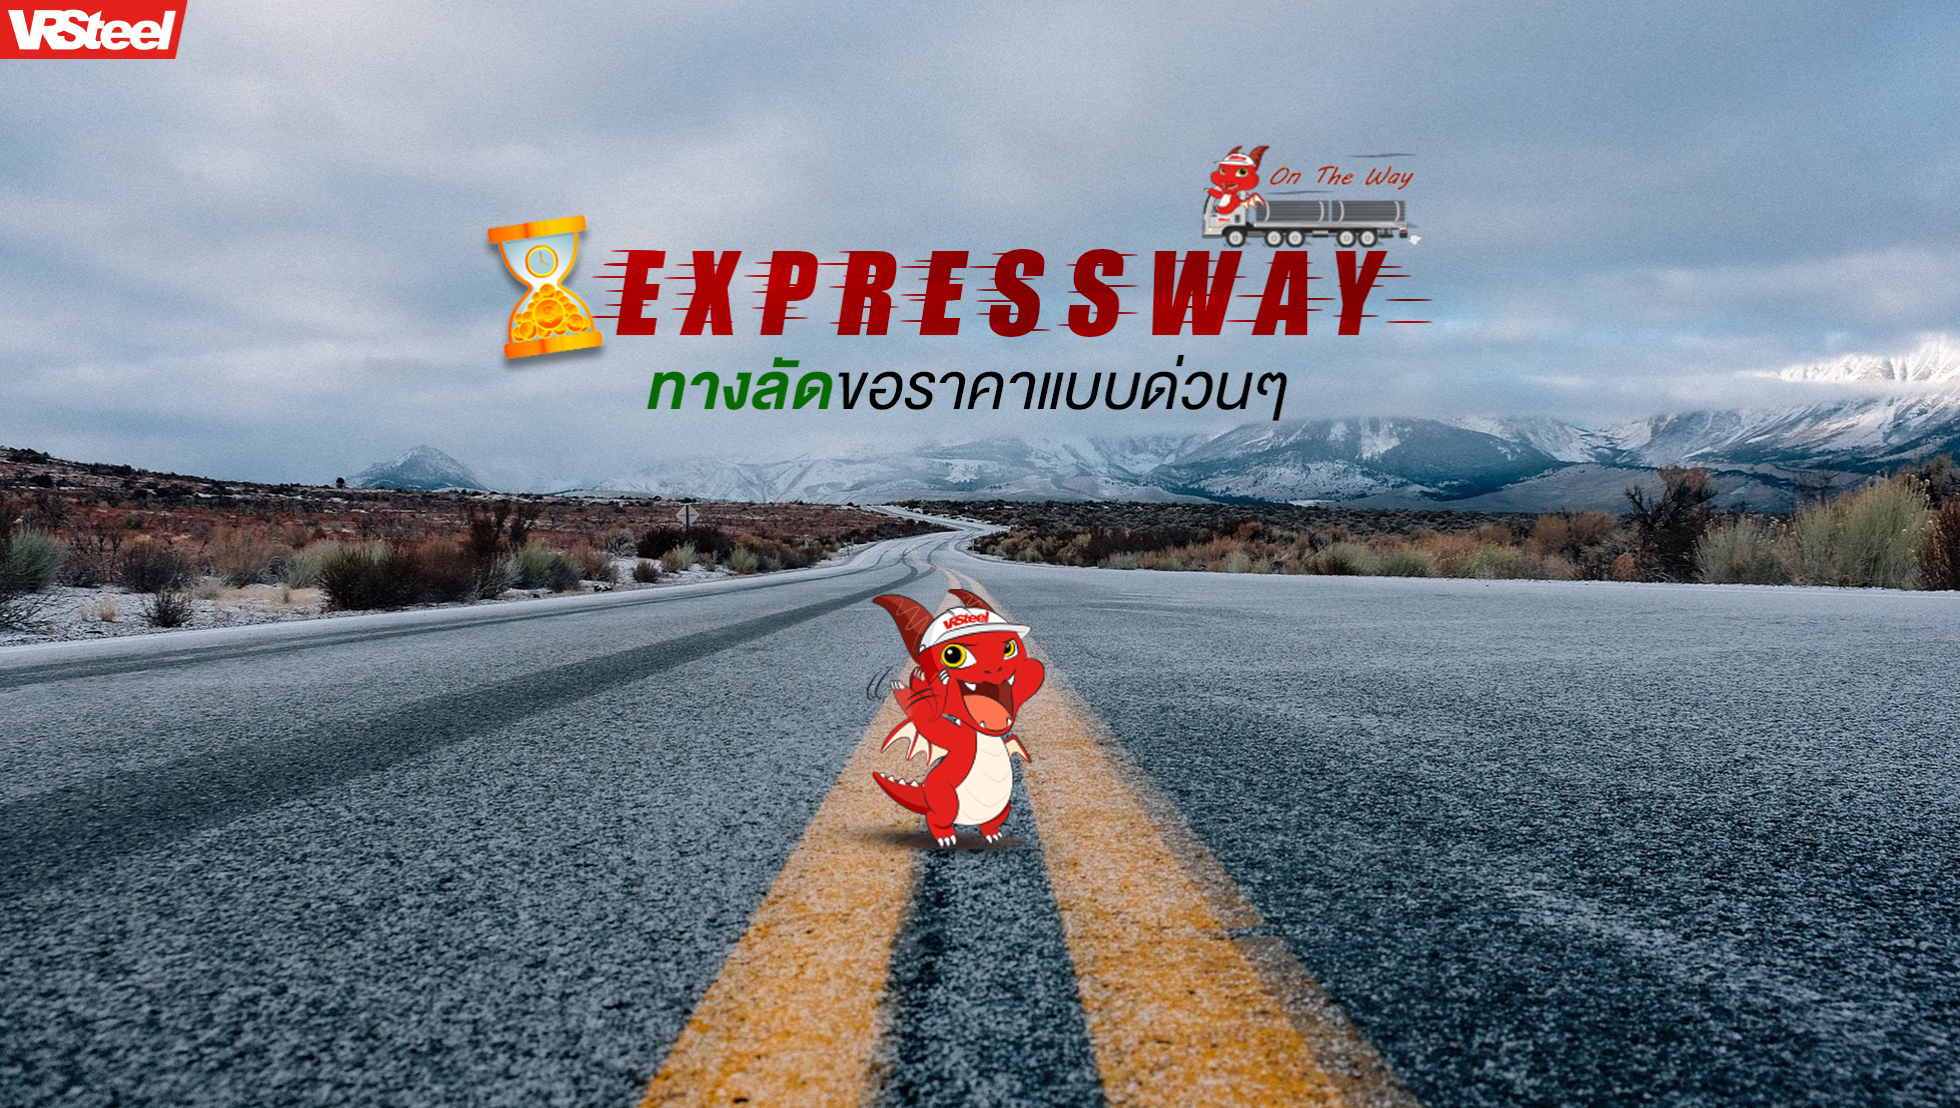 Expressway ทางลัดขอราคาแบบด่วนๆ